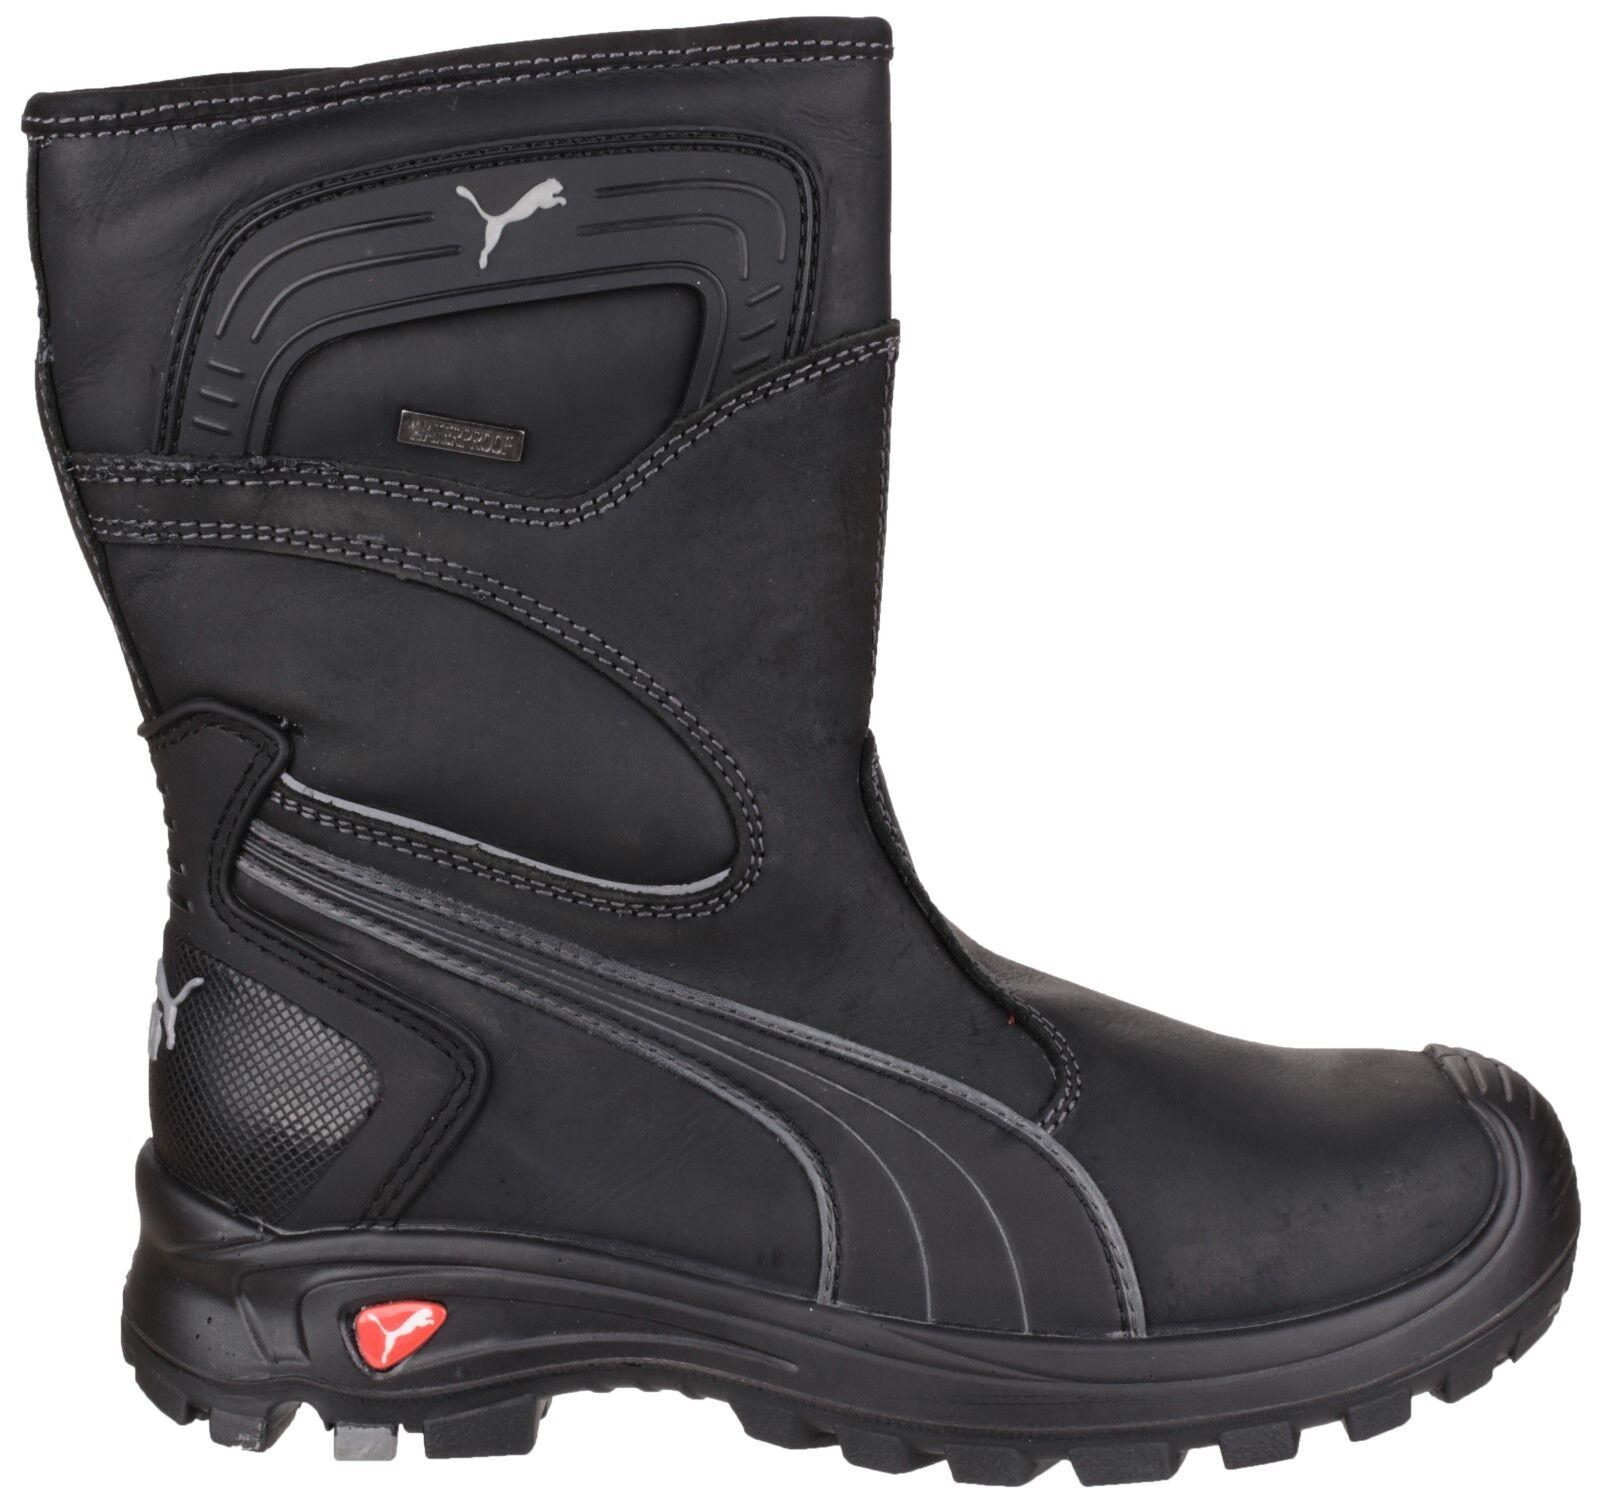 Puma Rigger Stivali Scarpe Di Sicurezza Punta Composita Scarpe Stivali Lavoro Industriale calzature da uomo 85a2e8